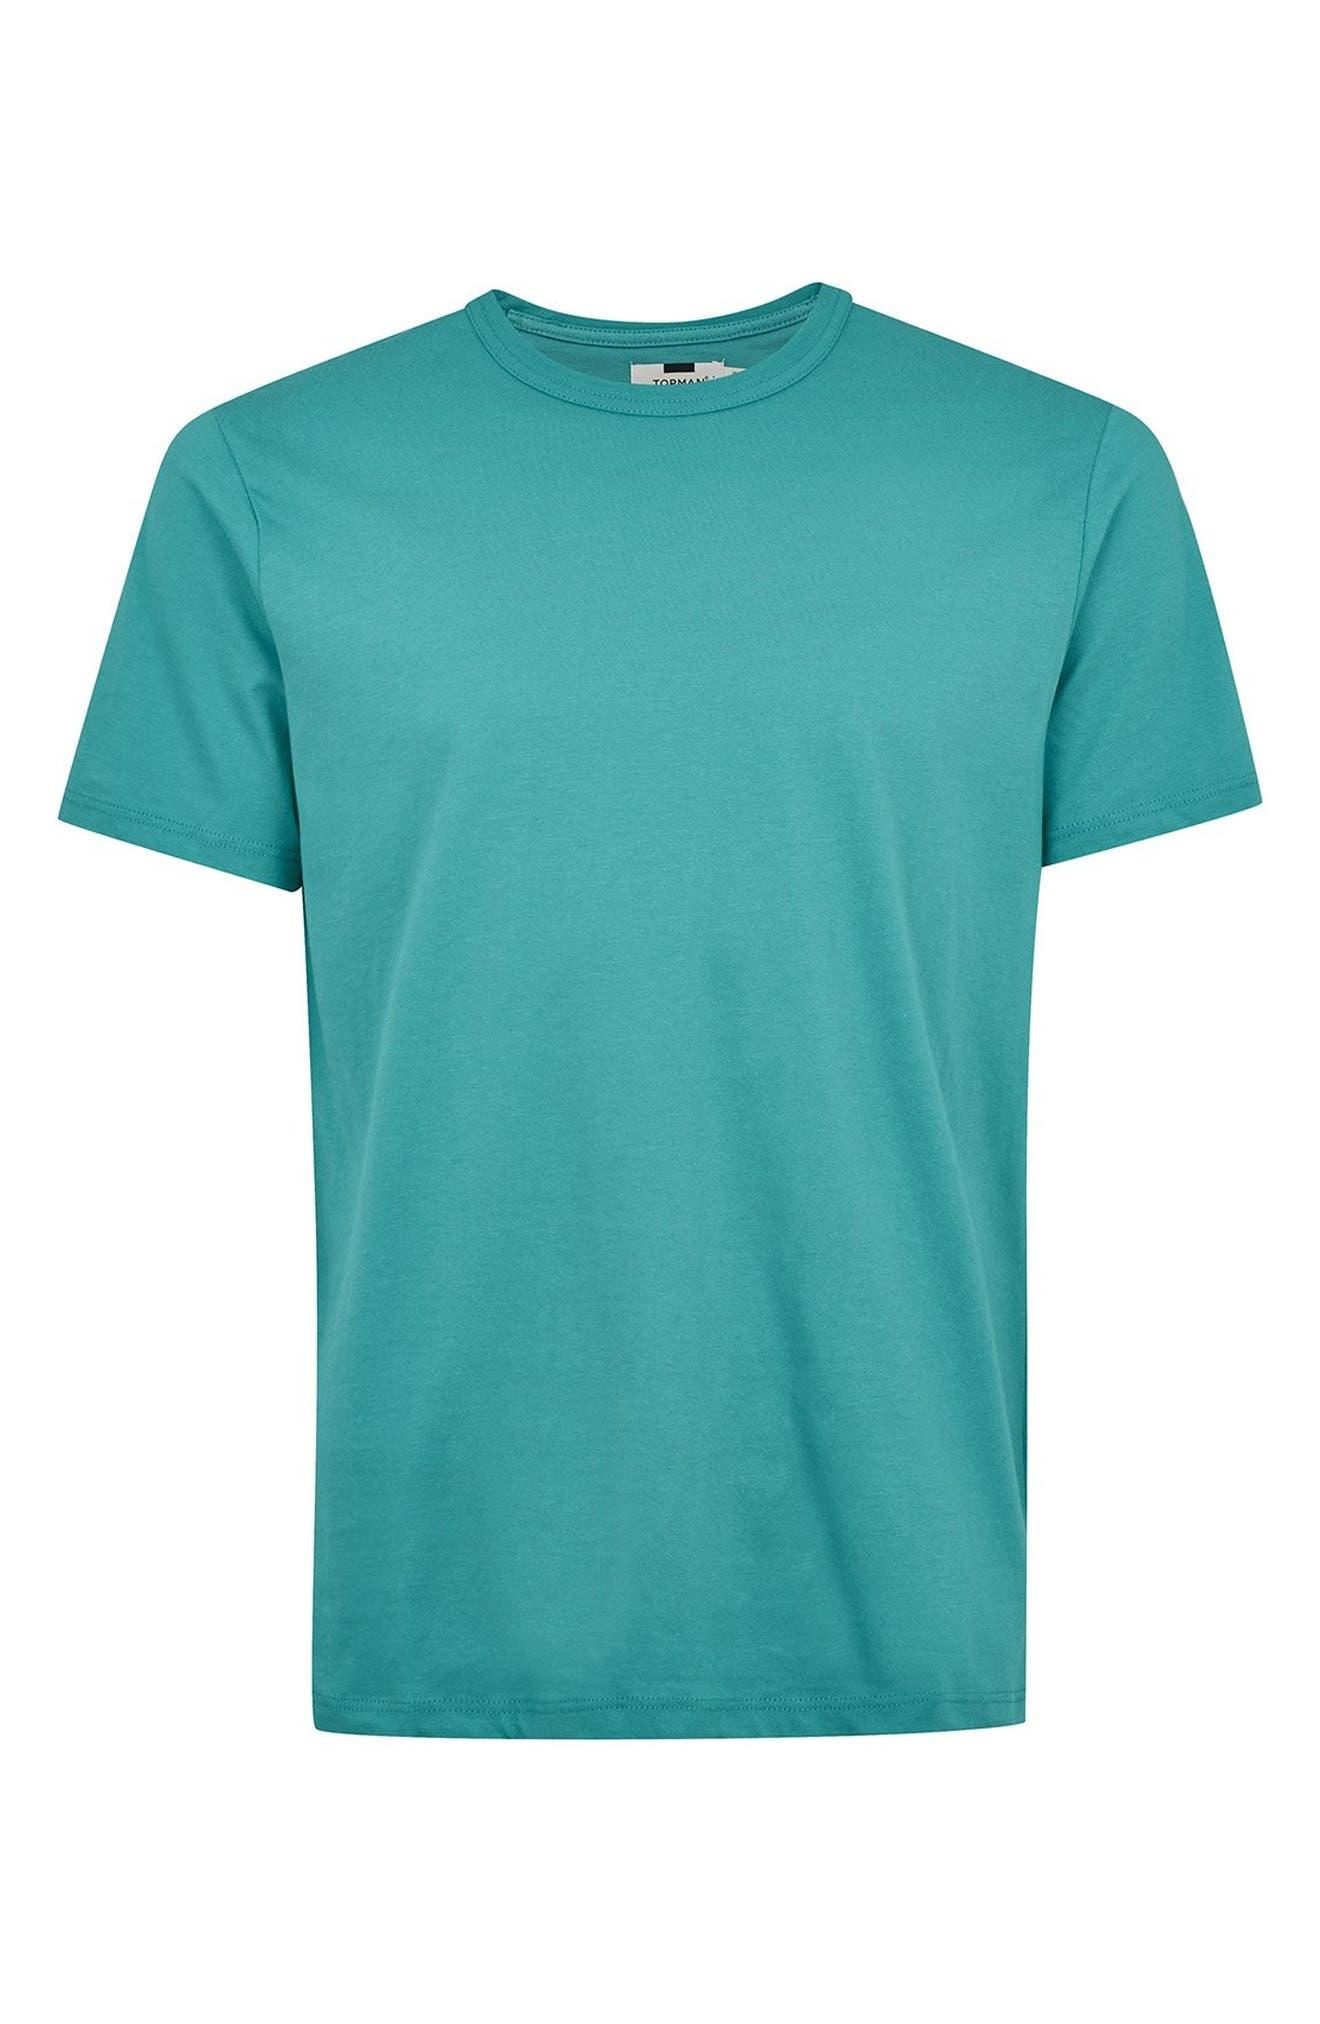 Classic Fit T-Shirt,                             Alternate thumbnail 4, color,                             AQUA